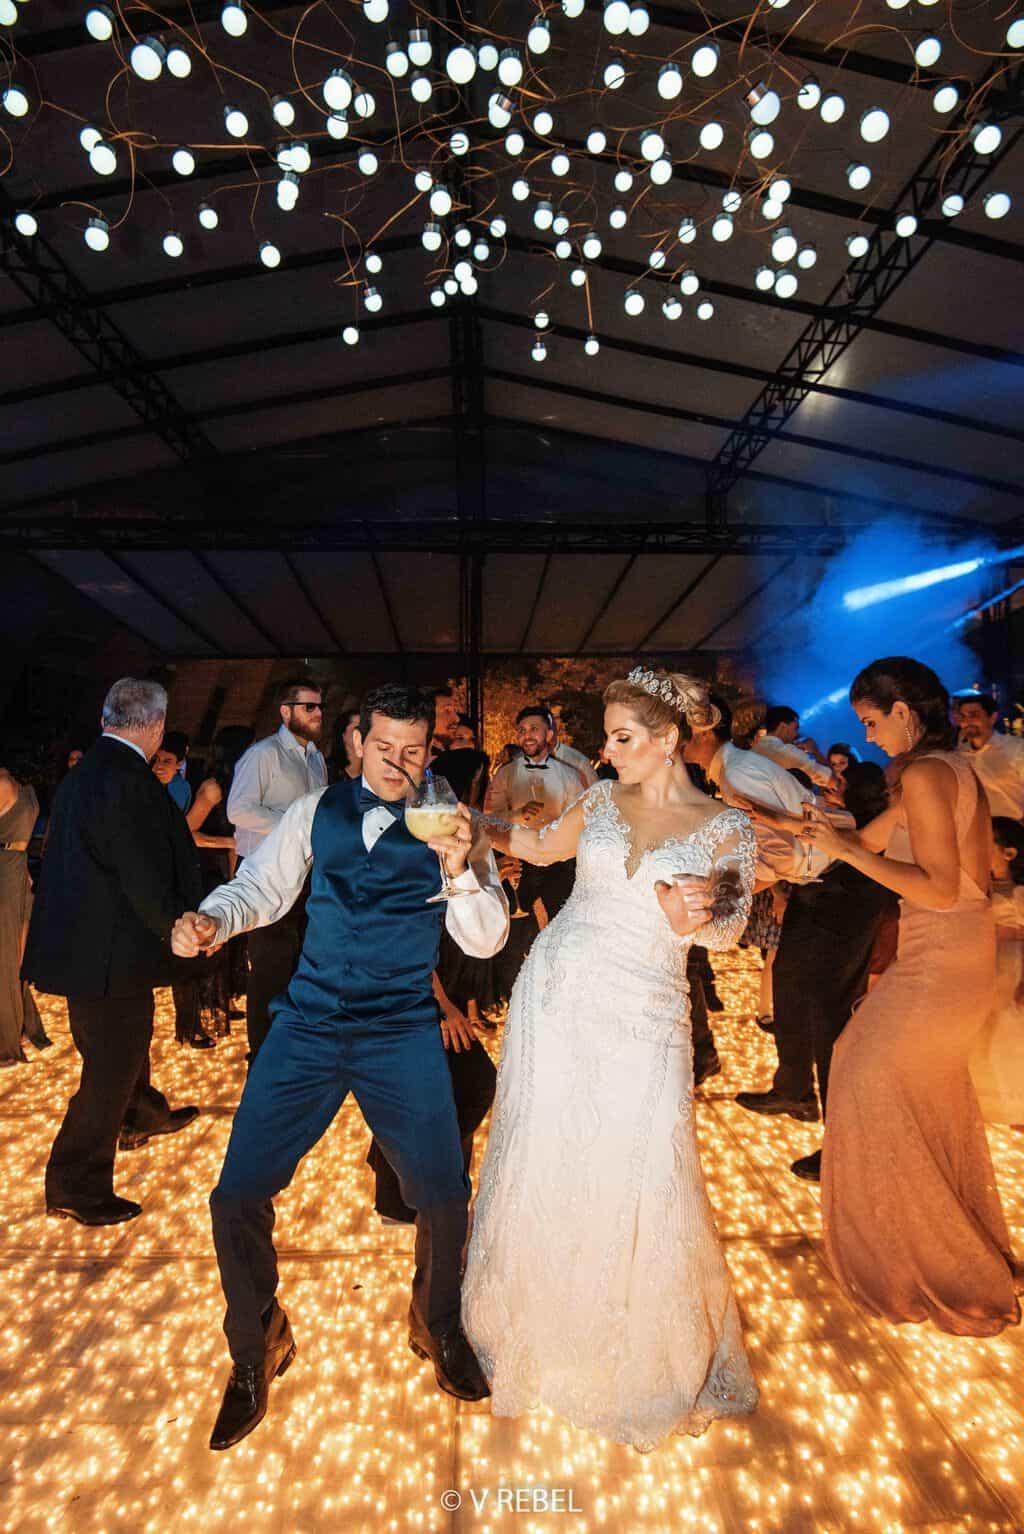 casamento-Caroline-e-Breno-casamento-clássico-fotografia-VRebel-pista98